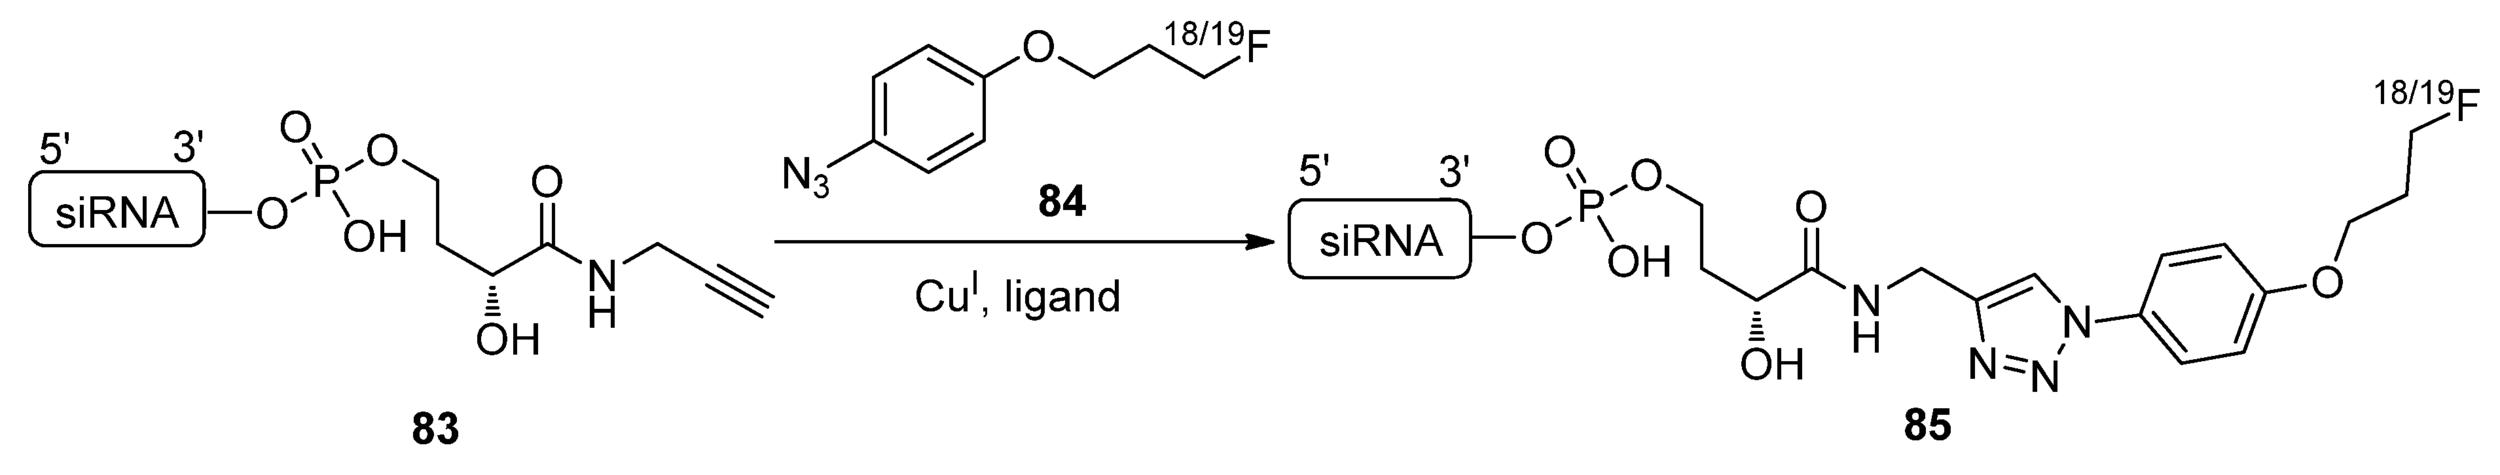 molecules-17-12665-g030.png